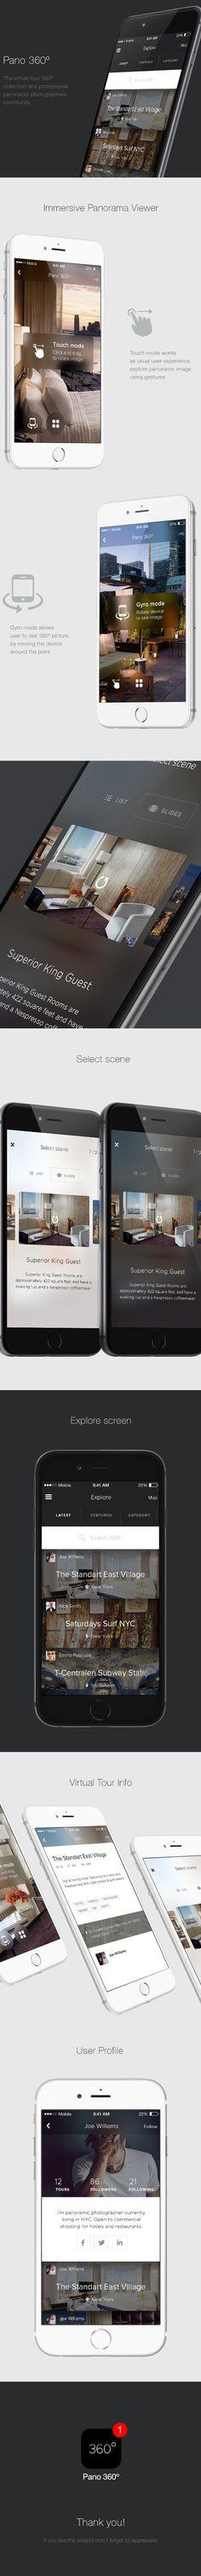 Pano 360º - UX/UI iPhone app design